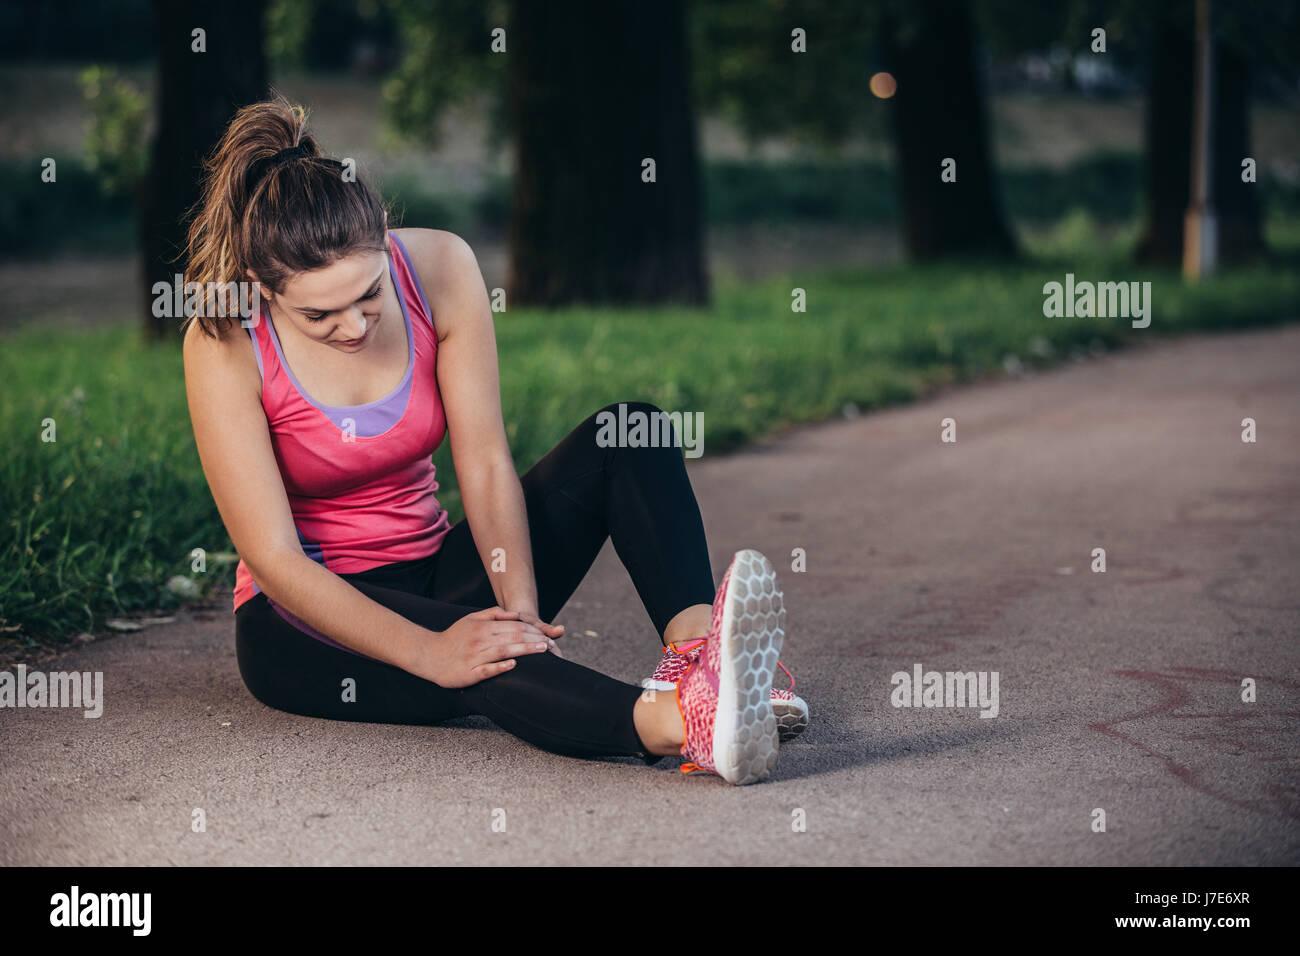 Aide à l'homme femme avec genou blessé lors de l'activité sportive Photo Stock